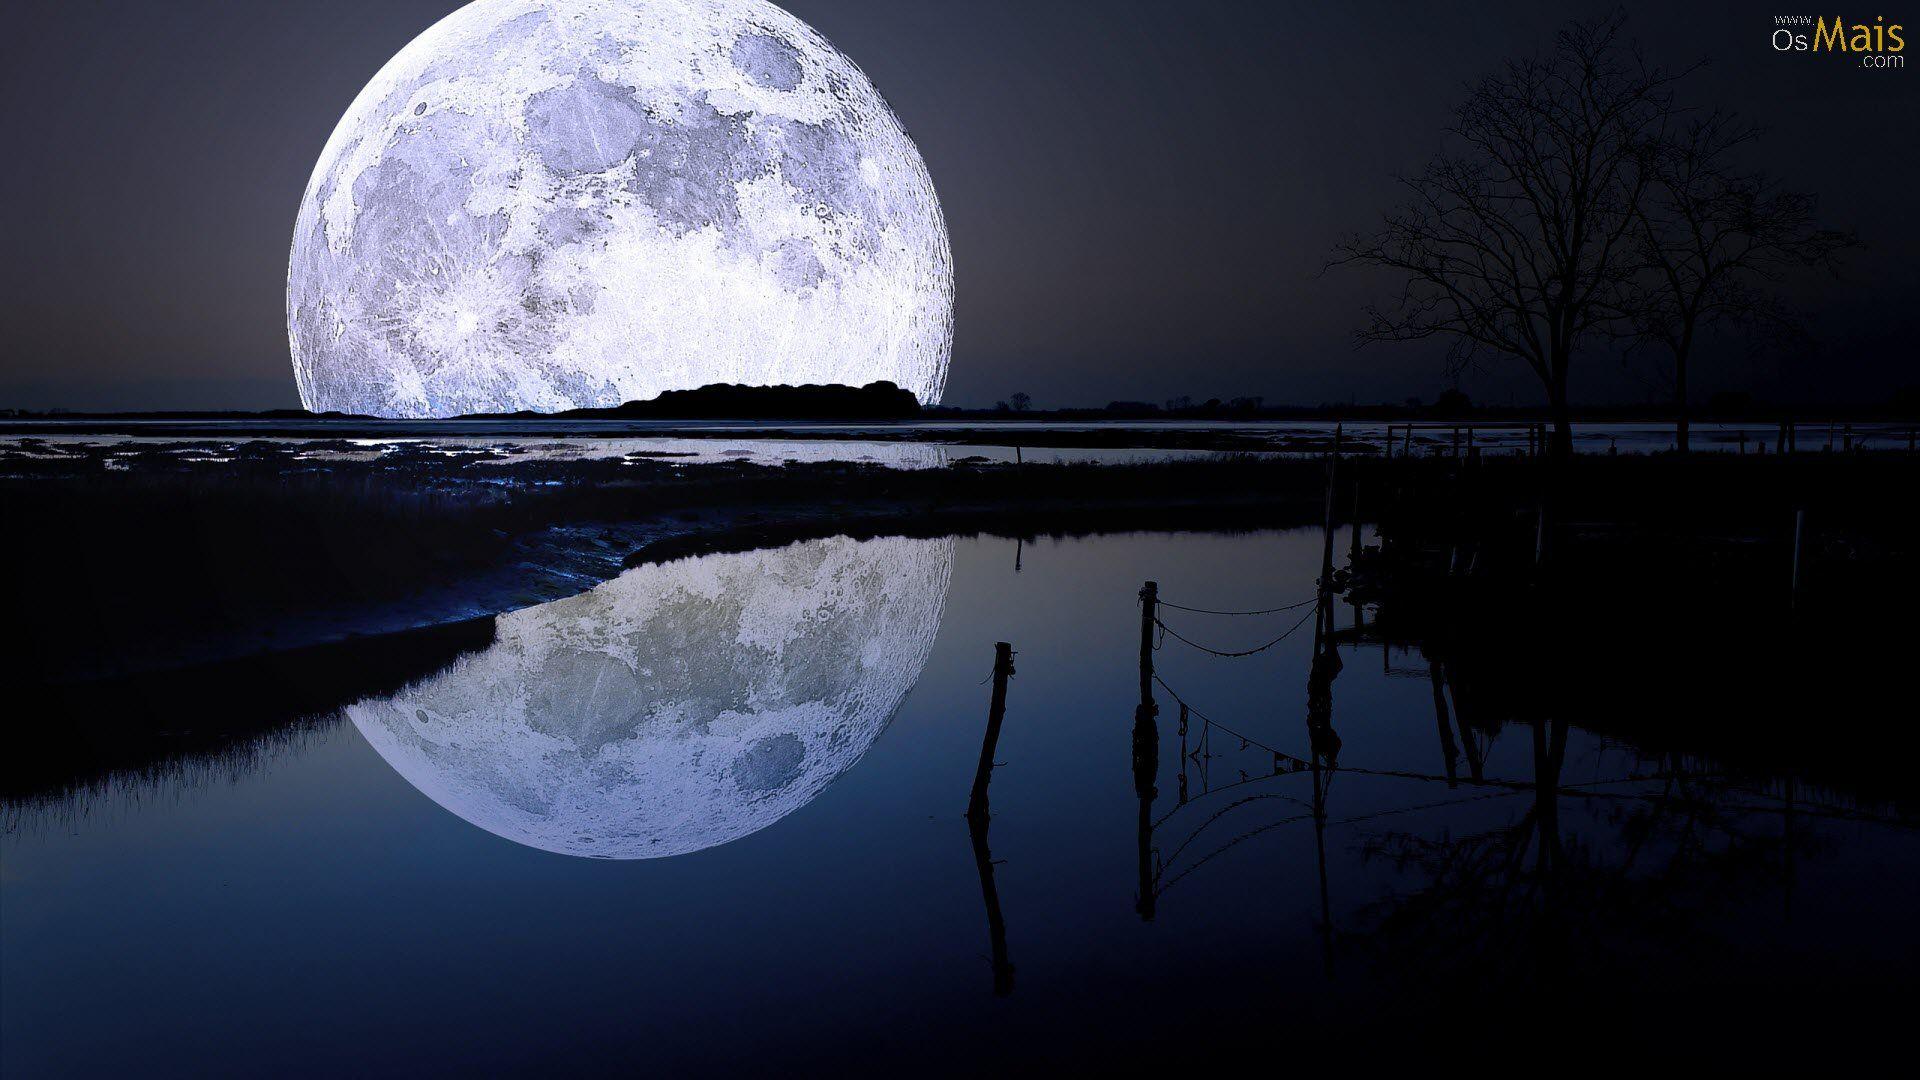 Pin by carla brozek on moon pinterest moon